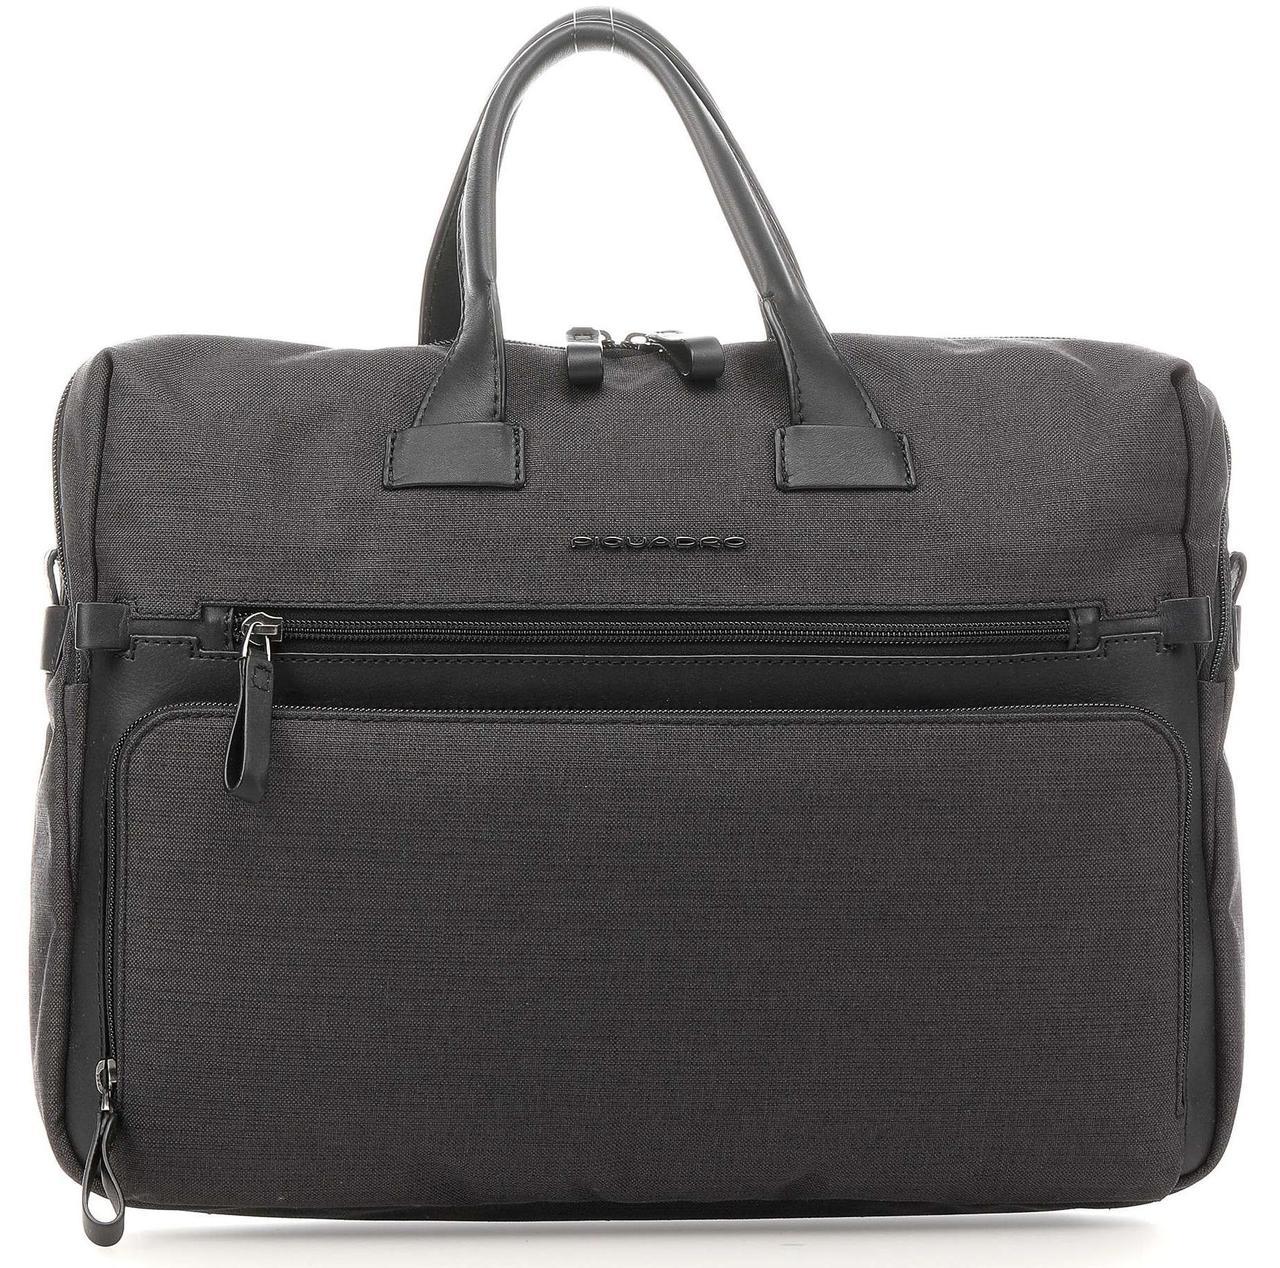 Кожаный портфель Piquadro Tiros черный